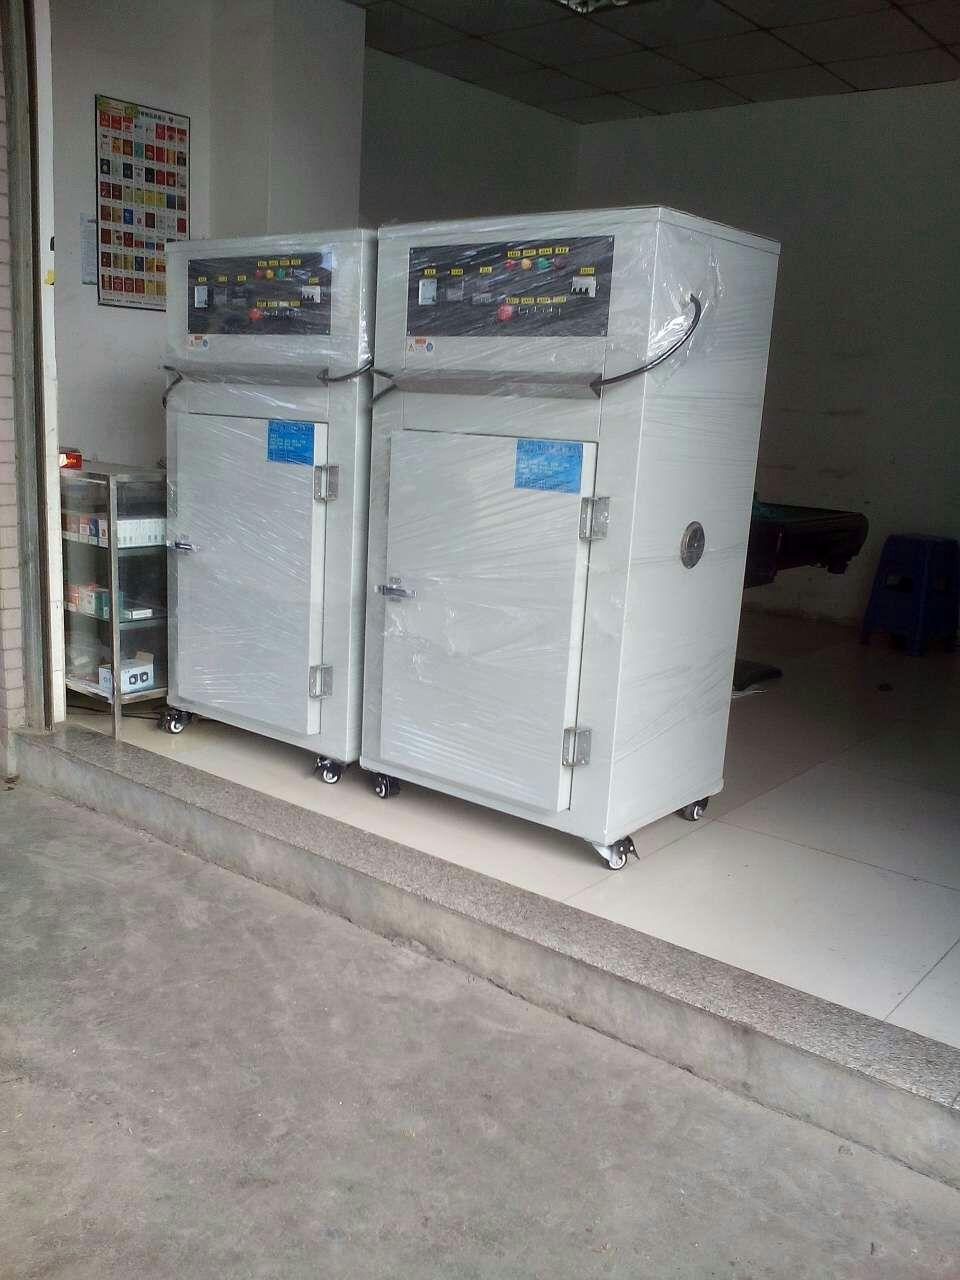 采用RKC温控器、固态机电器、接触器、蜂鸣器、时间调节器、报警器、超温保护器; 控制系统采用CKC,温度到计时时到切断电热完成指示灯及DZ两侧循环风。设计烤箱专用风道,风道两侧强制循环送风,加热温度均匀,自动定时排放烤箱内气体,温度误差±3度内。